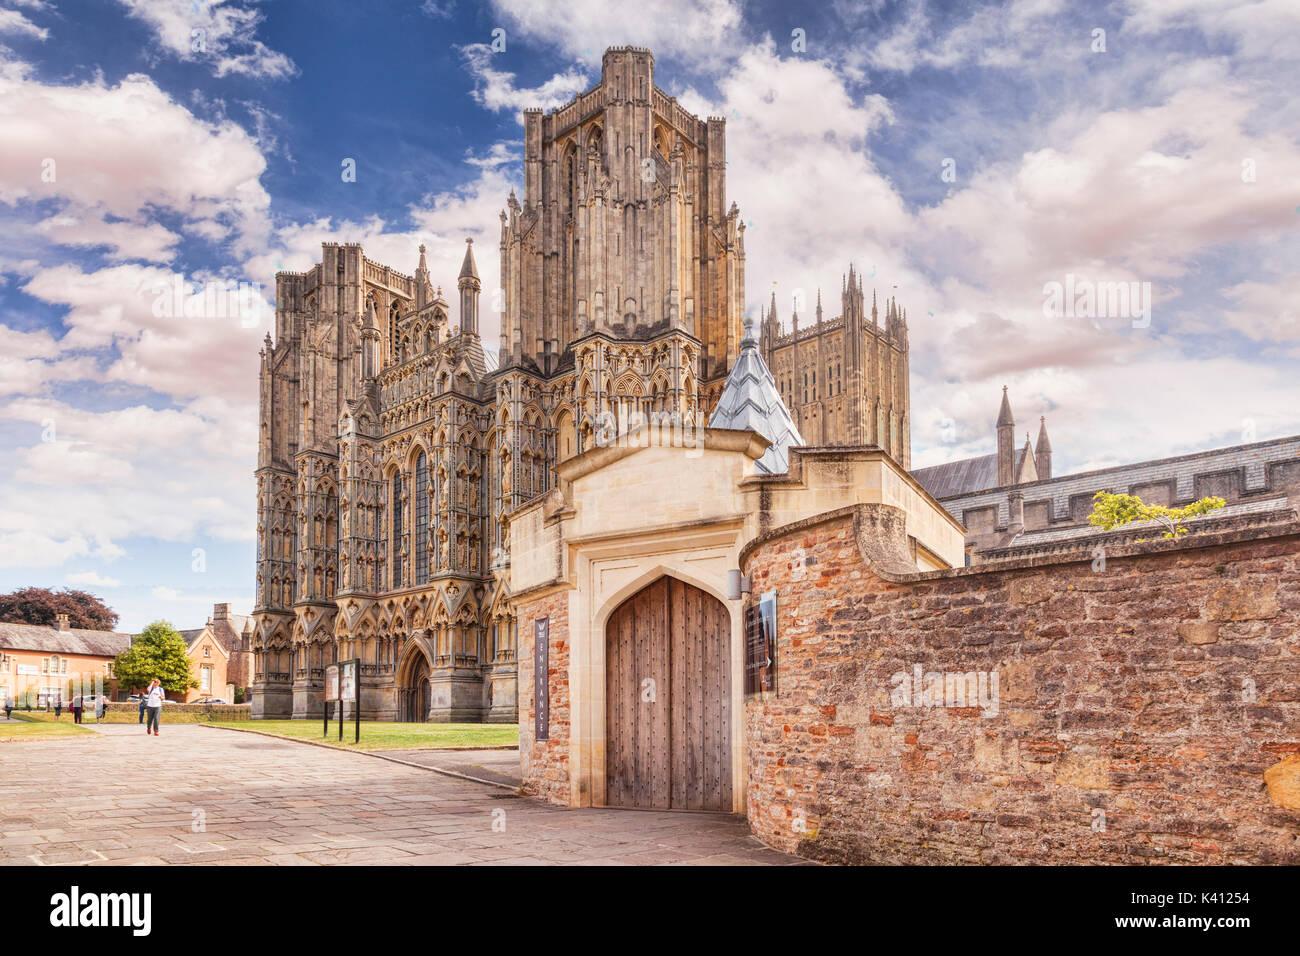 9 Juillet 2017: Wells, Somerset, England, UK - La Cathédrale, l'un des plus beaux et le siège de l'évêque de Bath et Wells. Banque D'Images